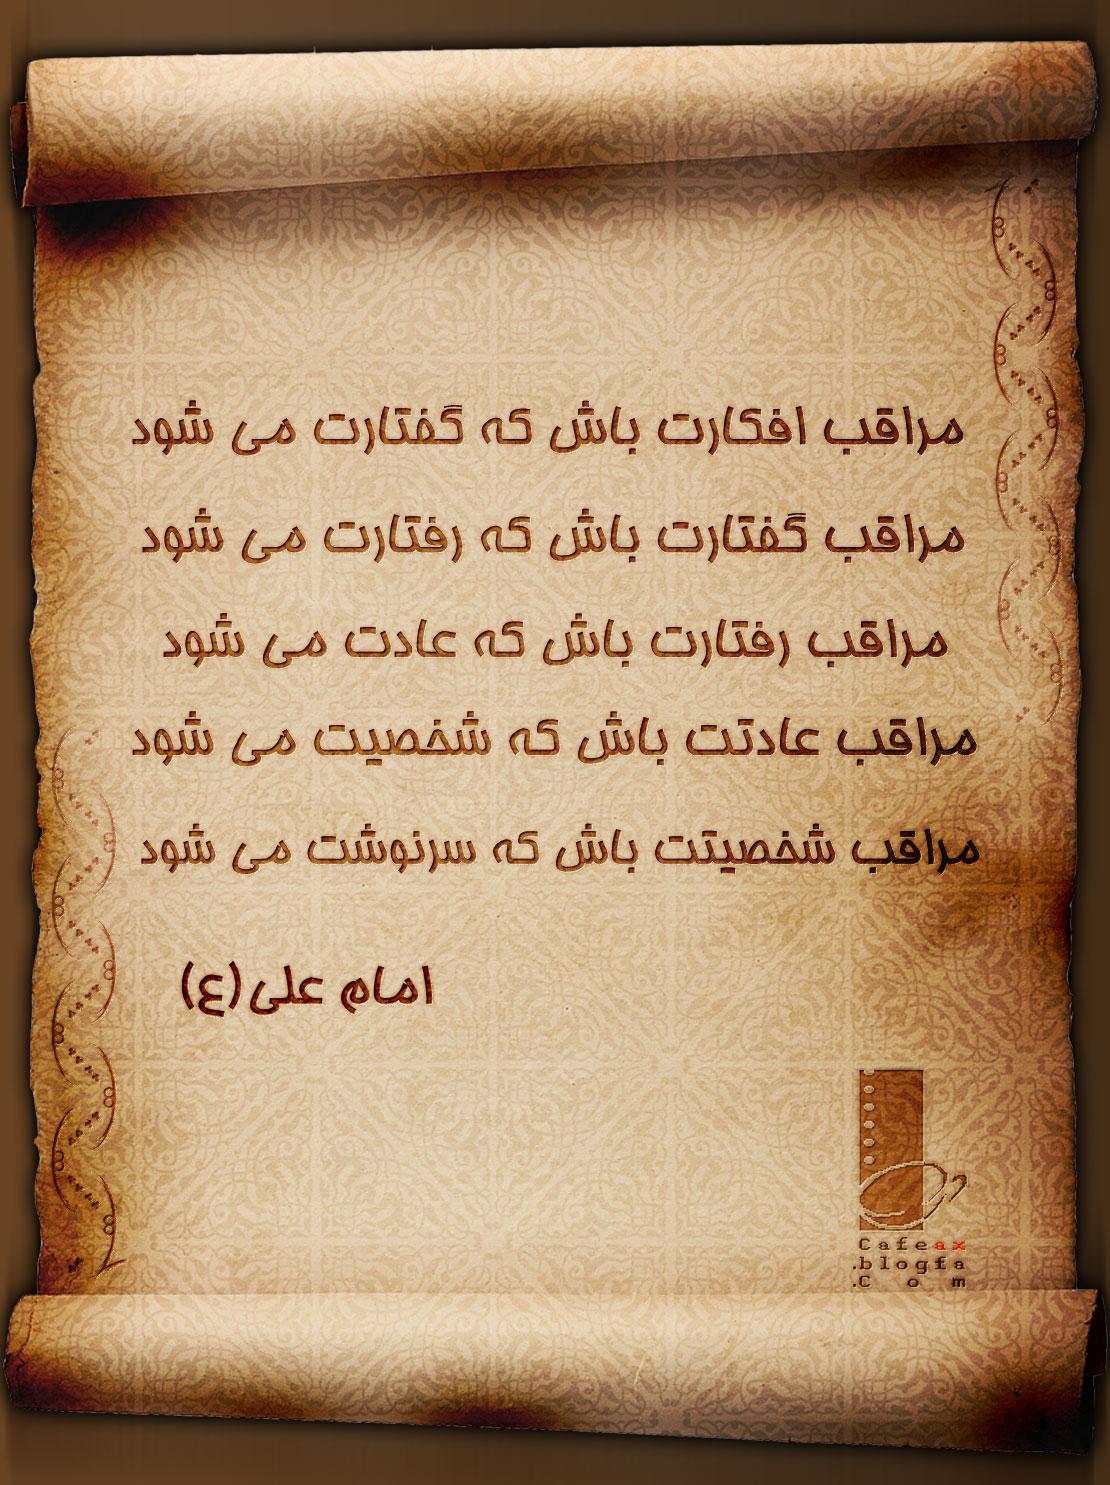 Emam-Ali(CafeAx).jpg